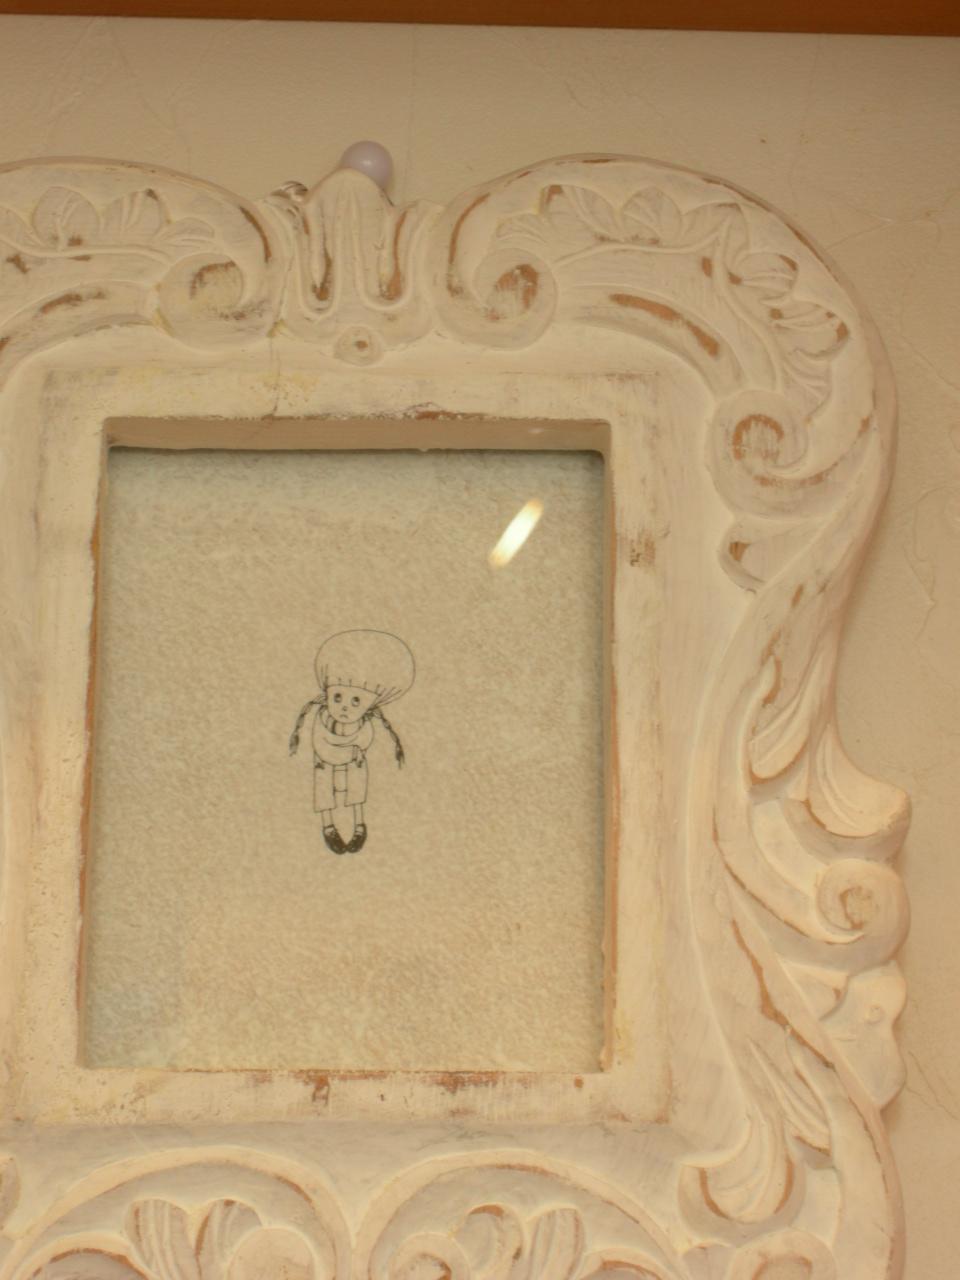 木製ピクチャーフレーム(長方形) W/190 D/20 H/215 ::3351【バッグ・小物・ブランド雑貨】記念日向けギフトの通販サイト「バースデープレス」